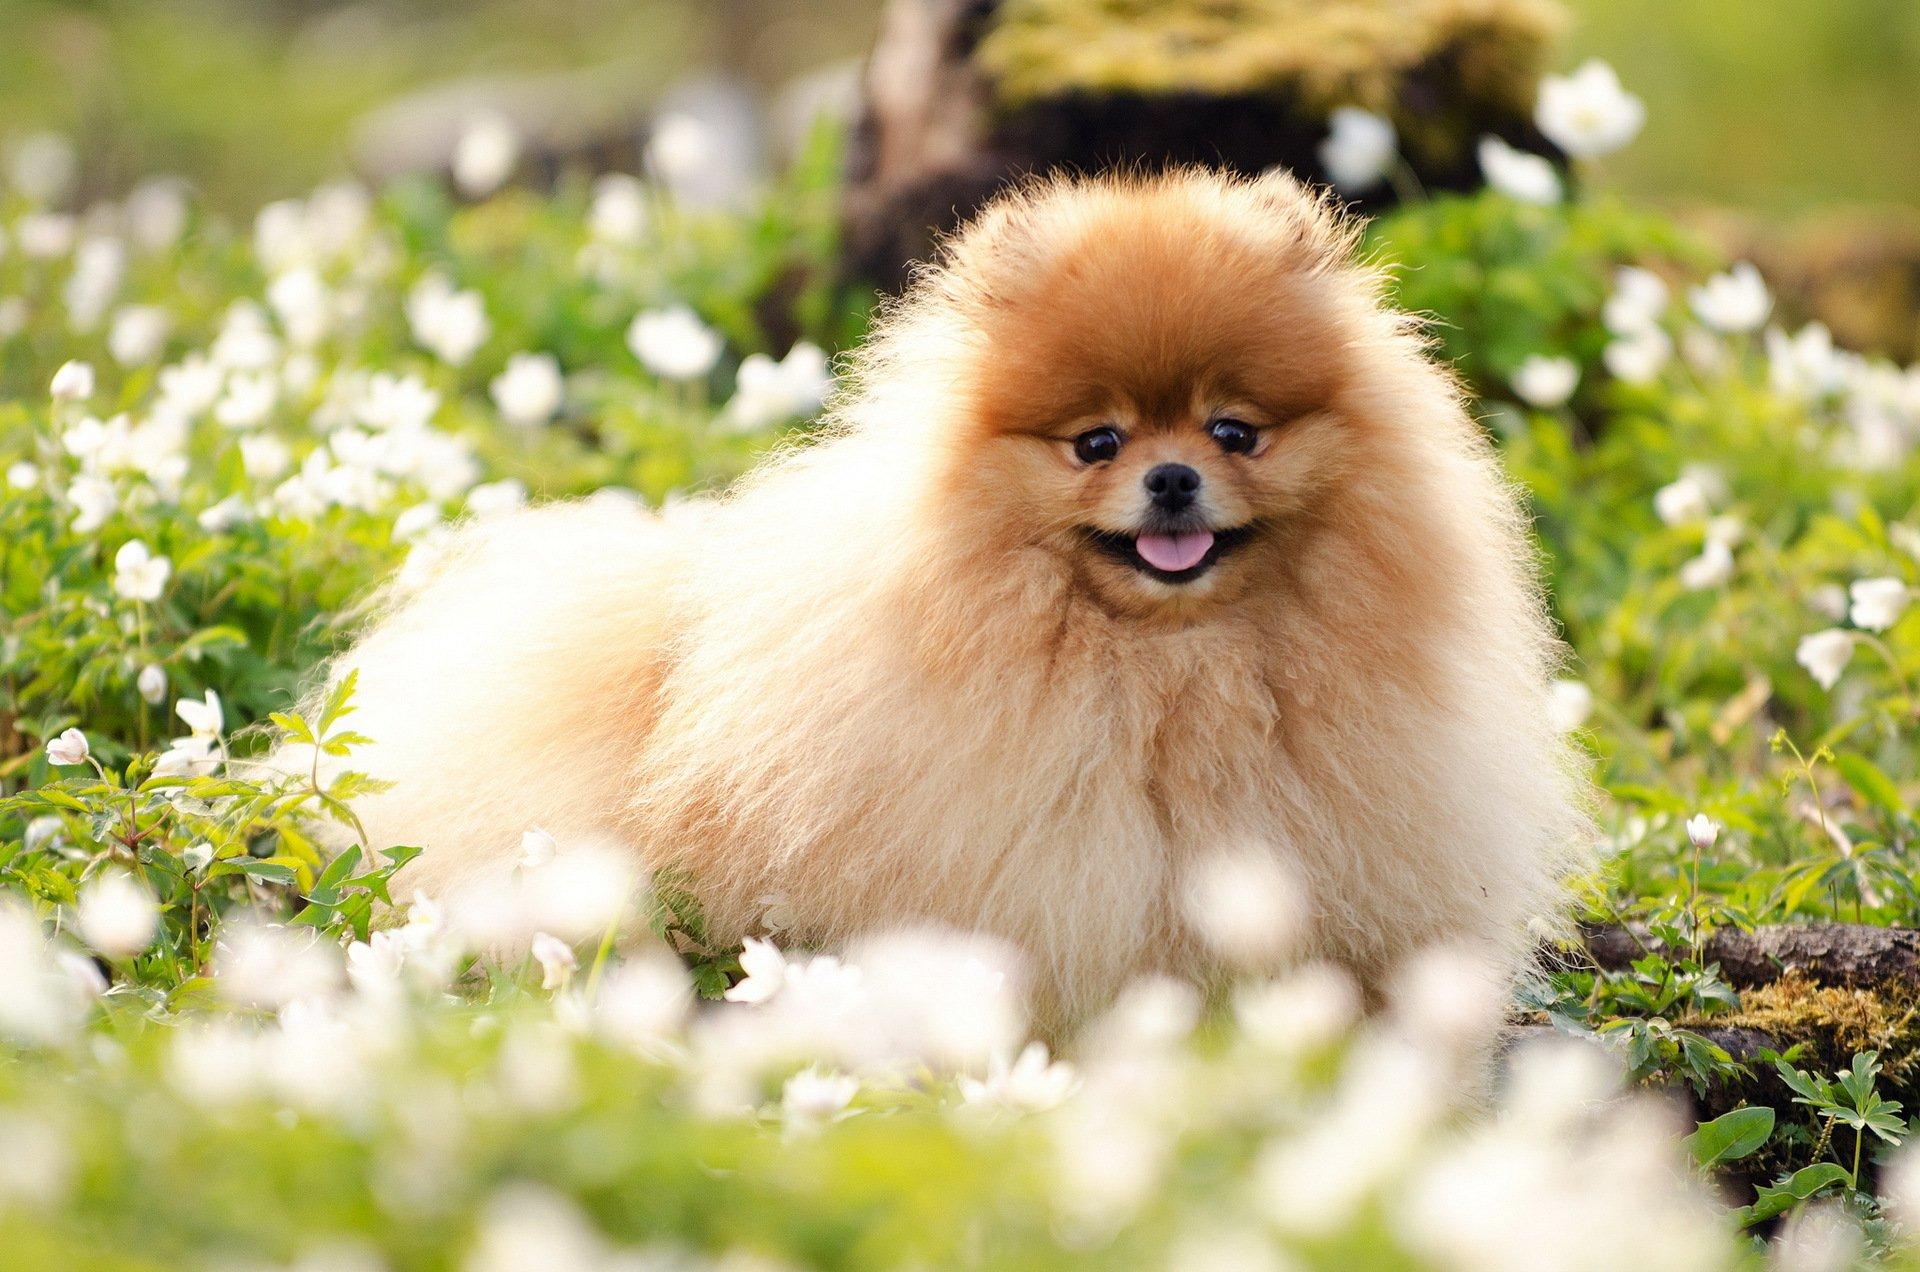 предпочли самые красивые собаки картинки на обои звезды театра кино